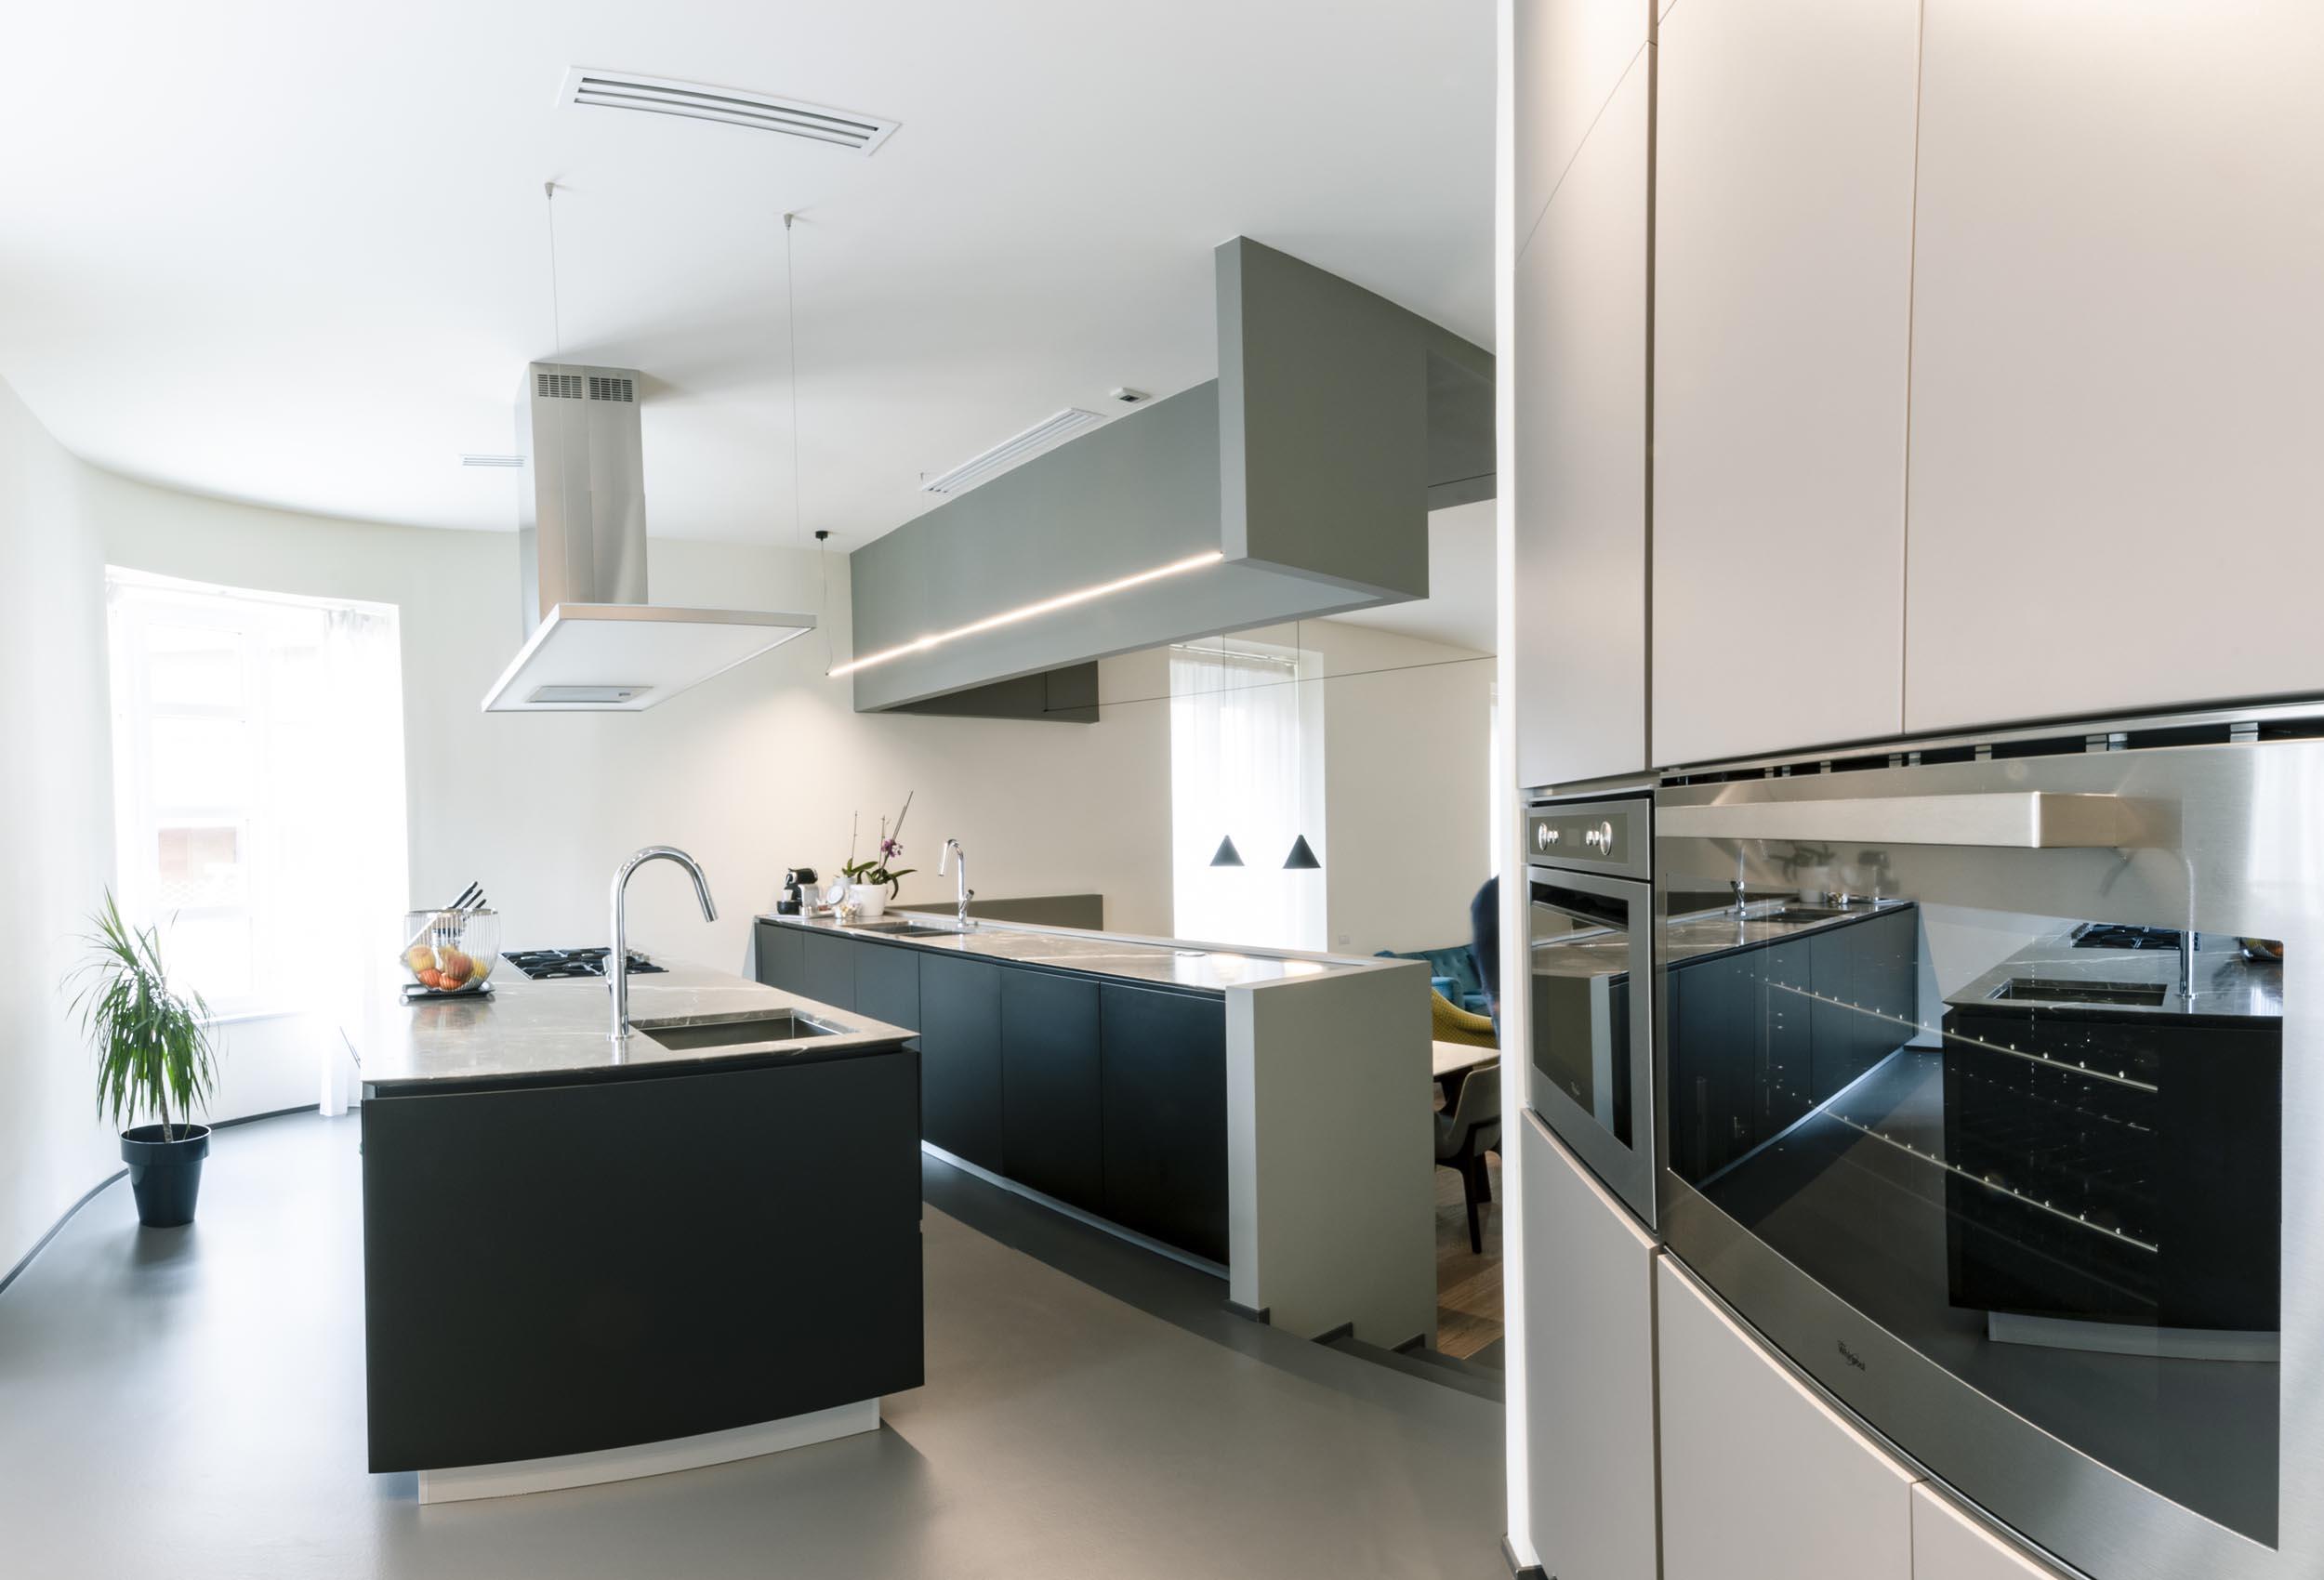 tipi-di-cucina-arredamento-disposizioni-illuminazione-studio-architettura-interior-design-roma5